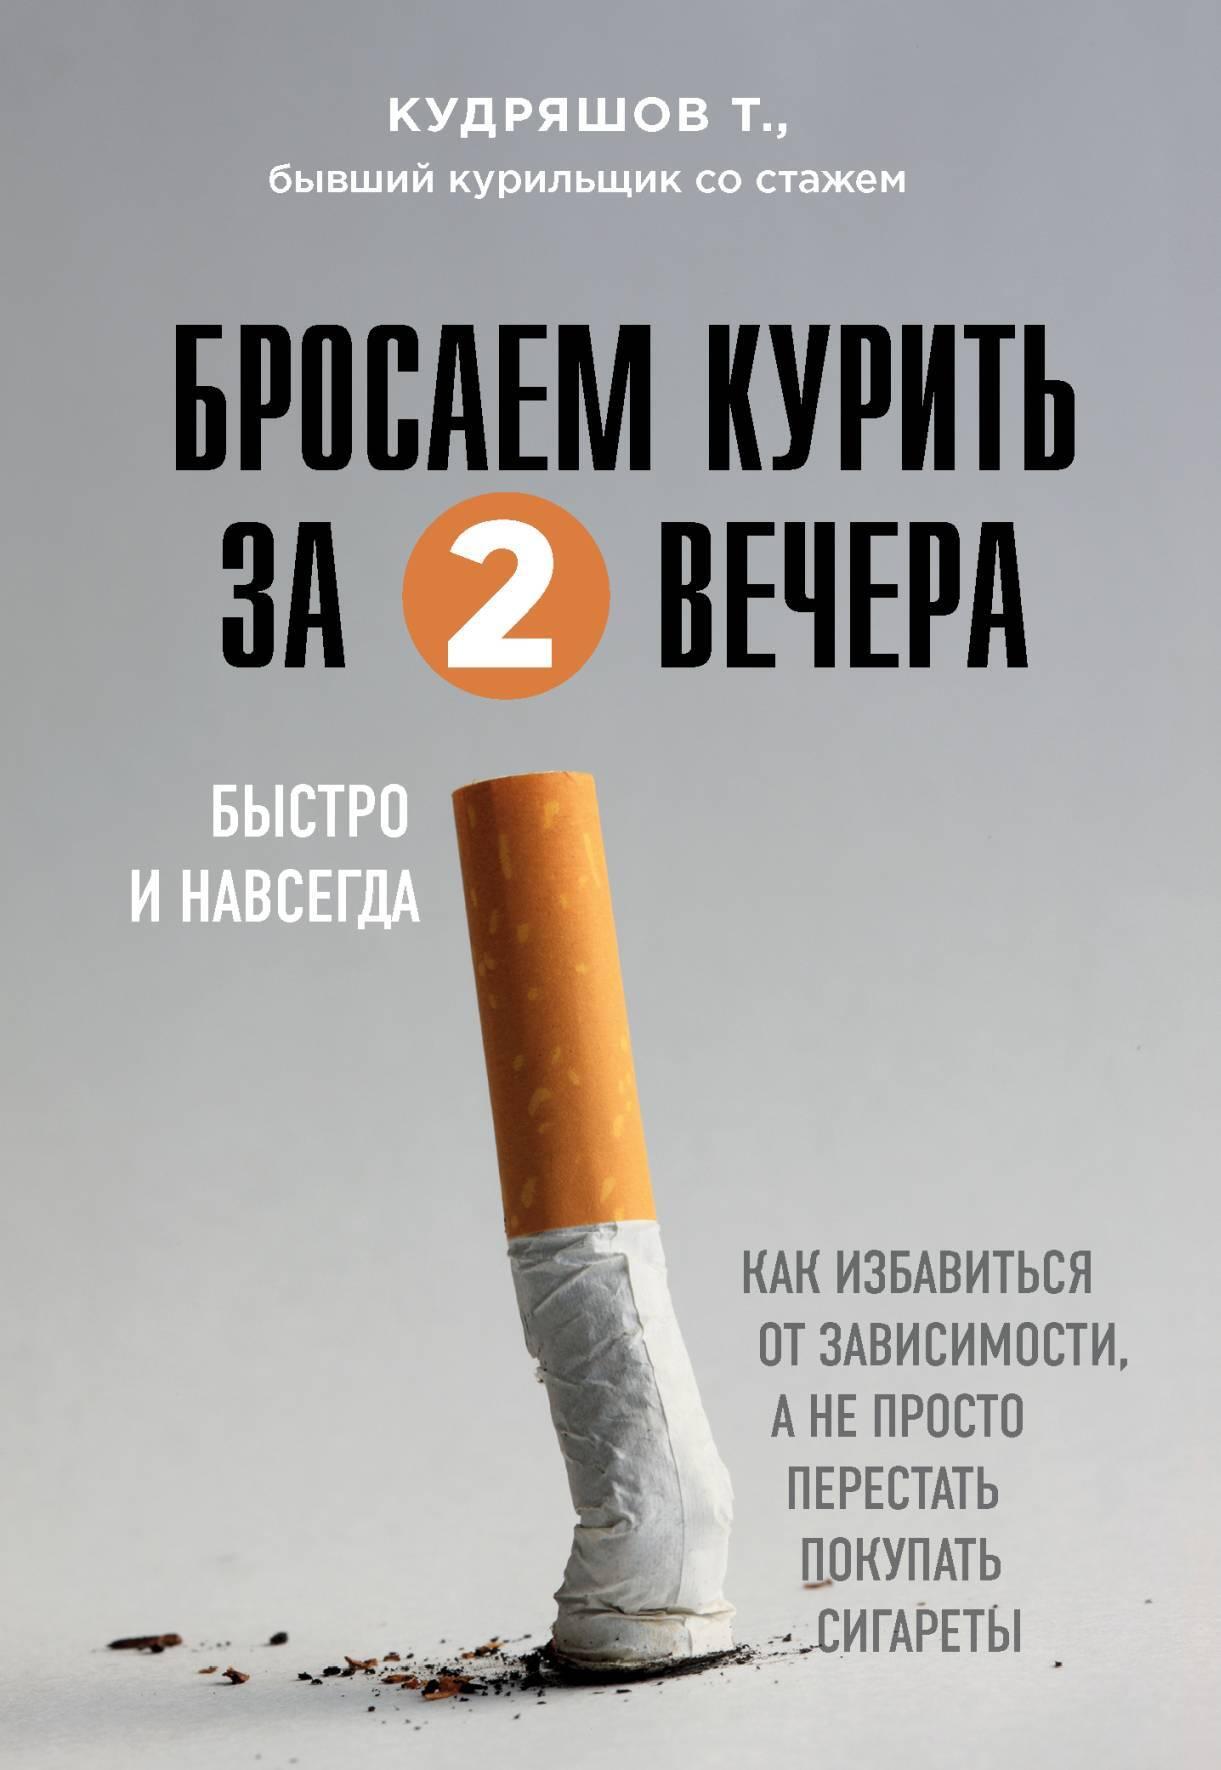 80 сигарет книга читать онлайн сигареты компании пепел купить